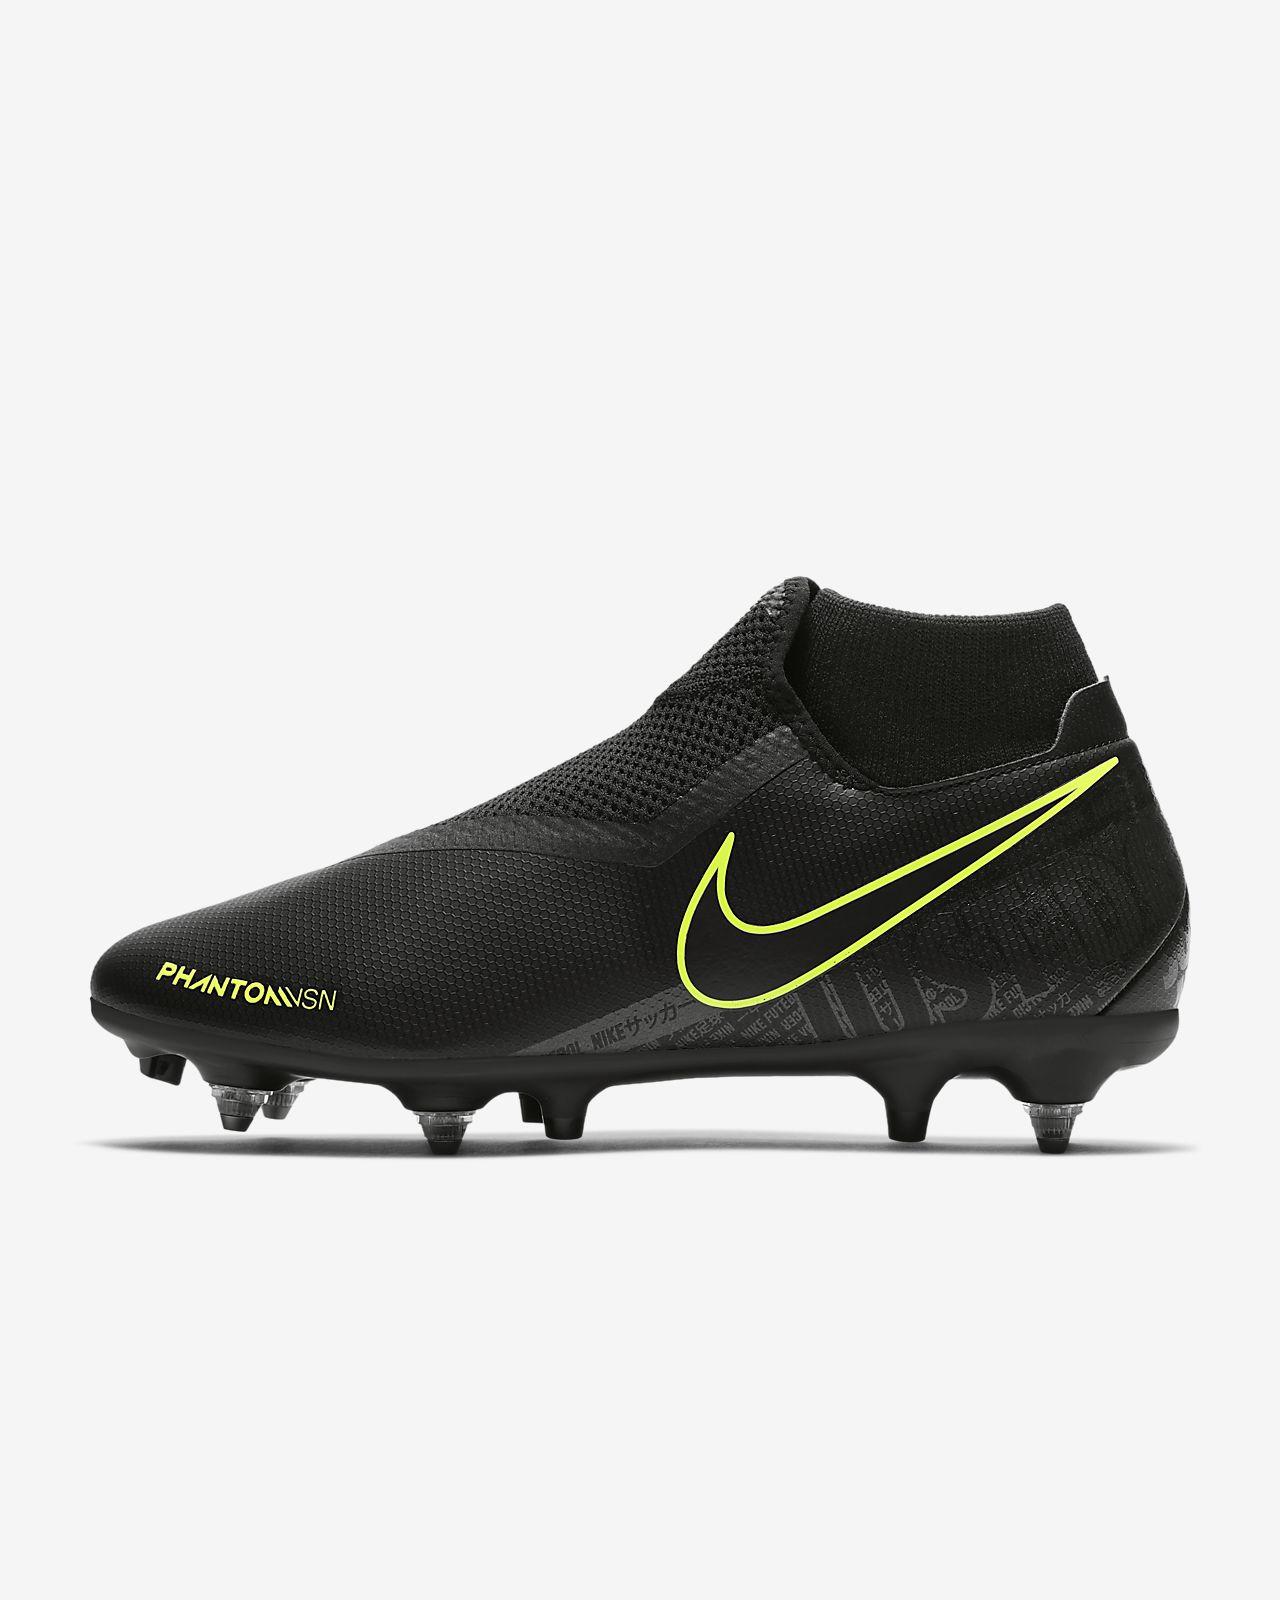 Calzado de fútbol para terreno blando Nike PhantomVSN Academy Dynamic Fit SG-Pro Anti-Clog Traction